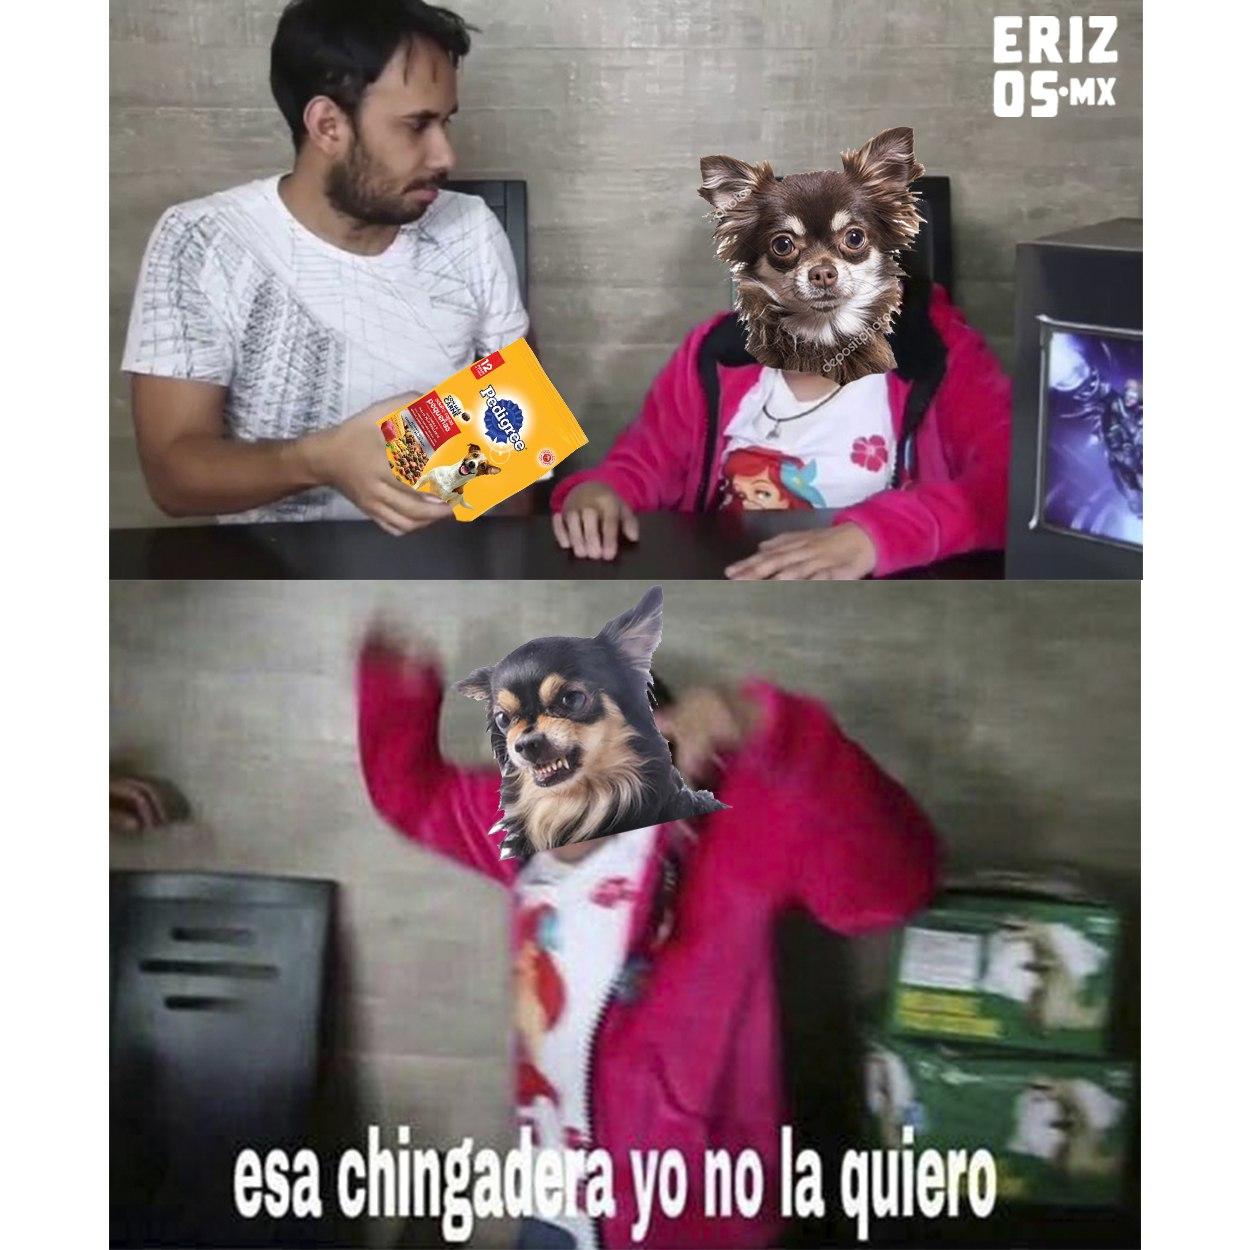 Meme pedigree es malo para los perros